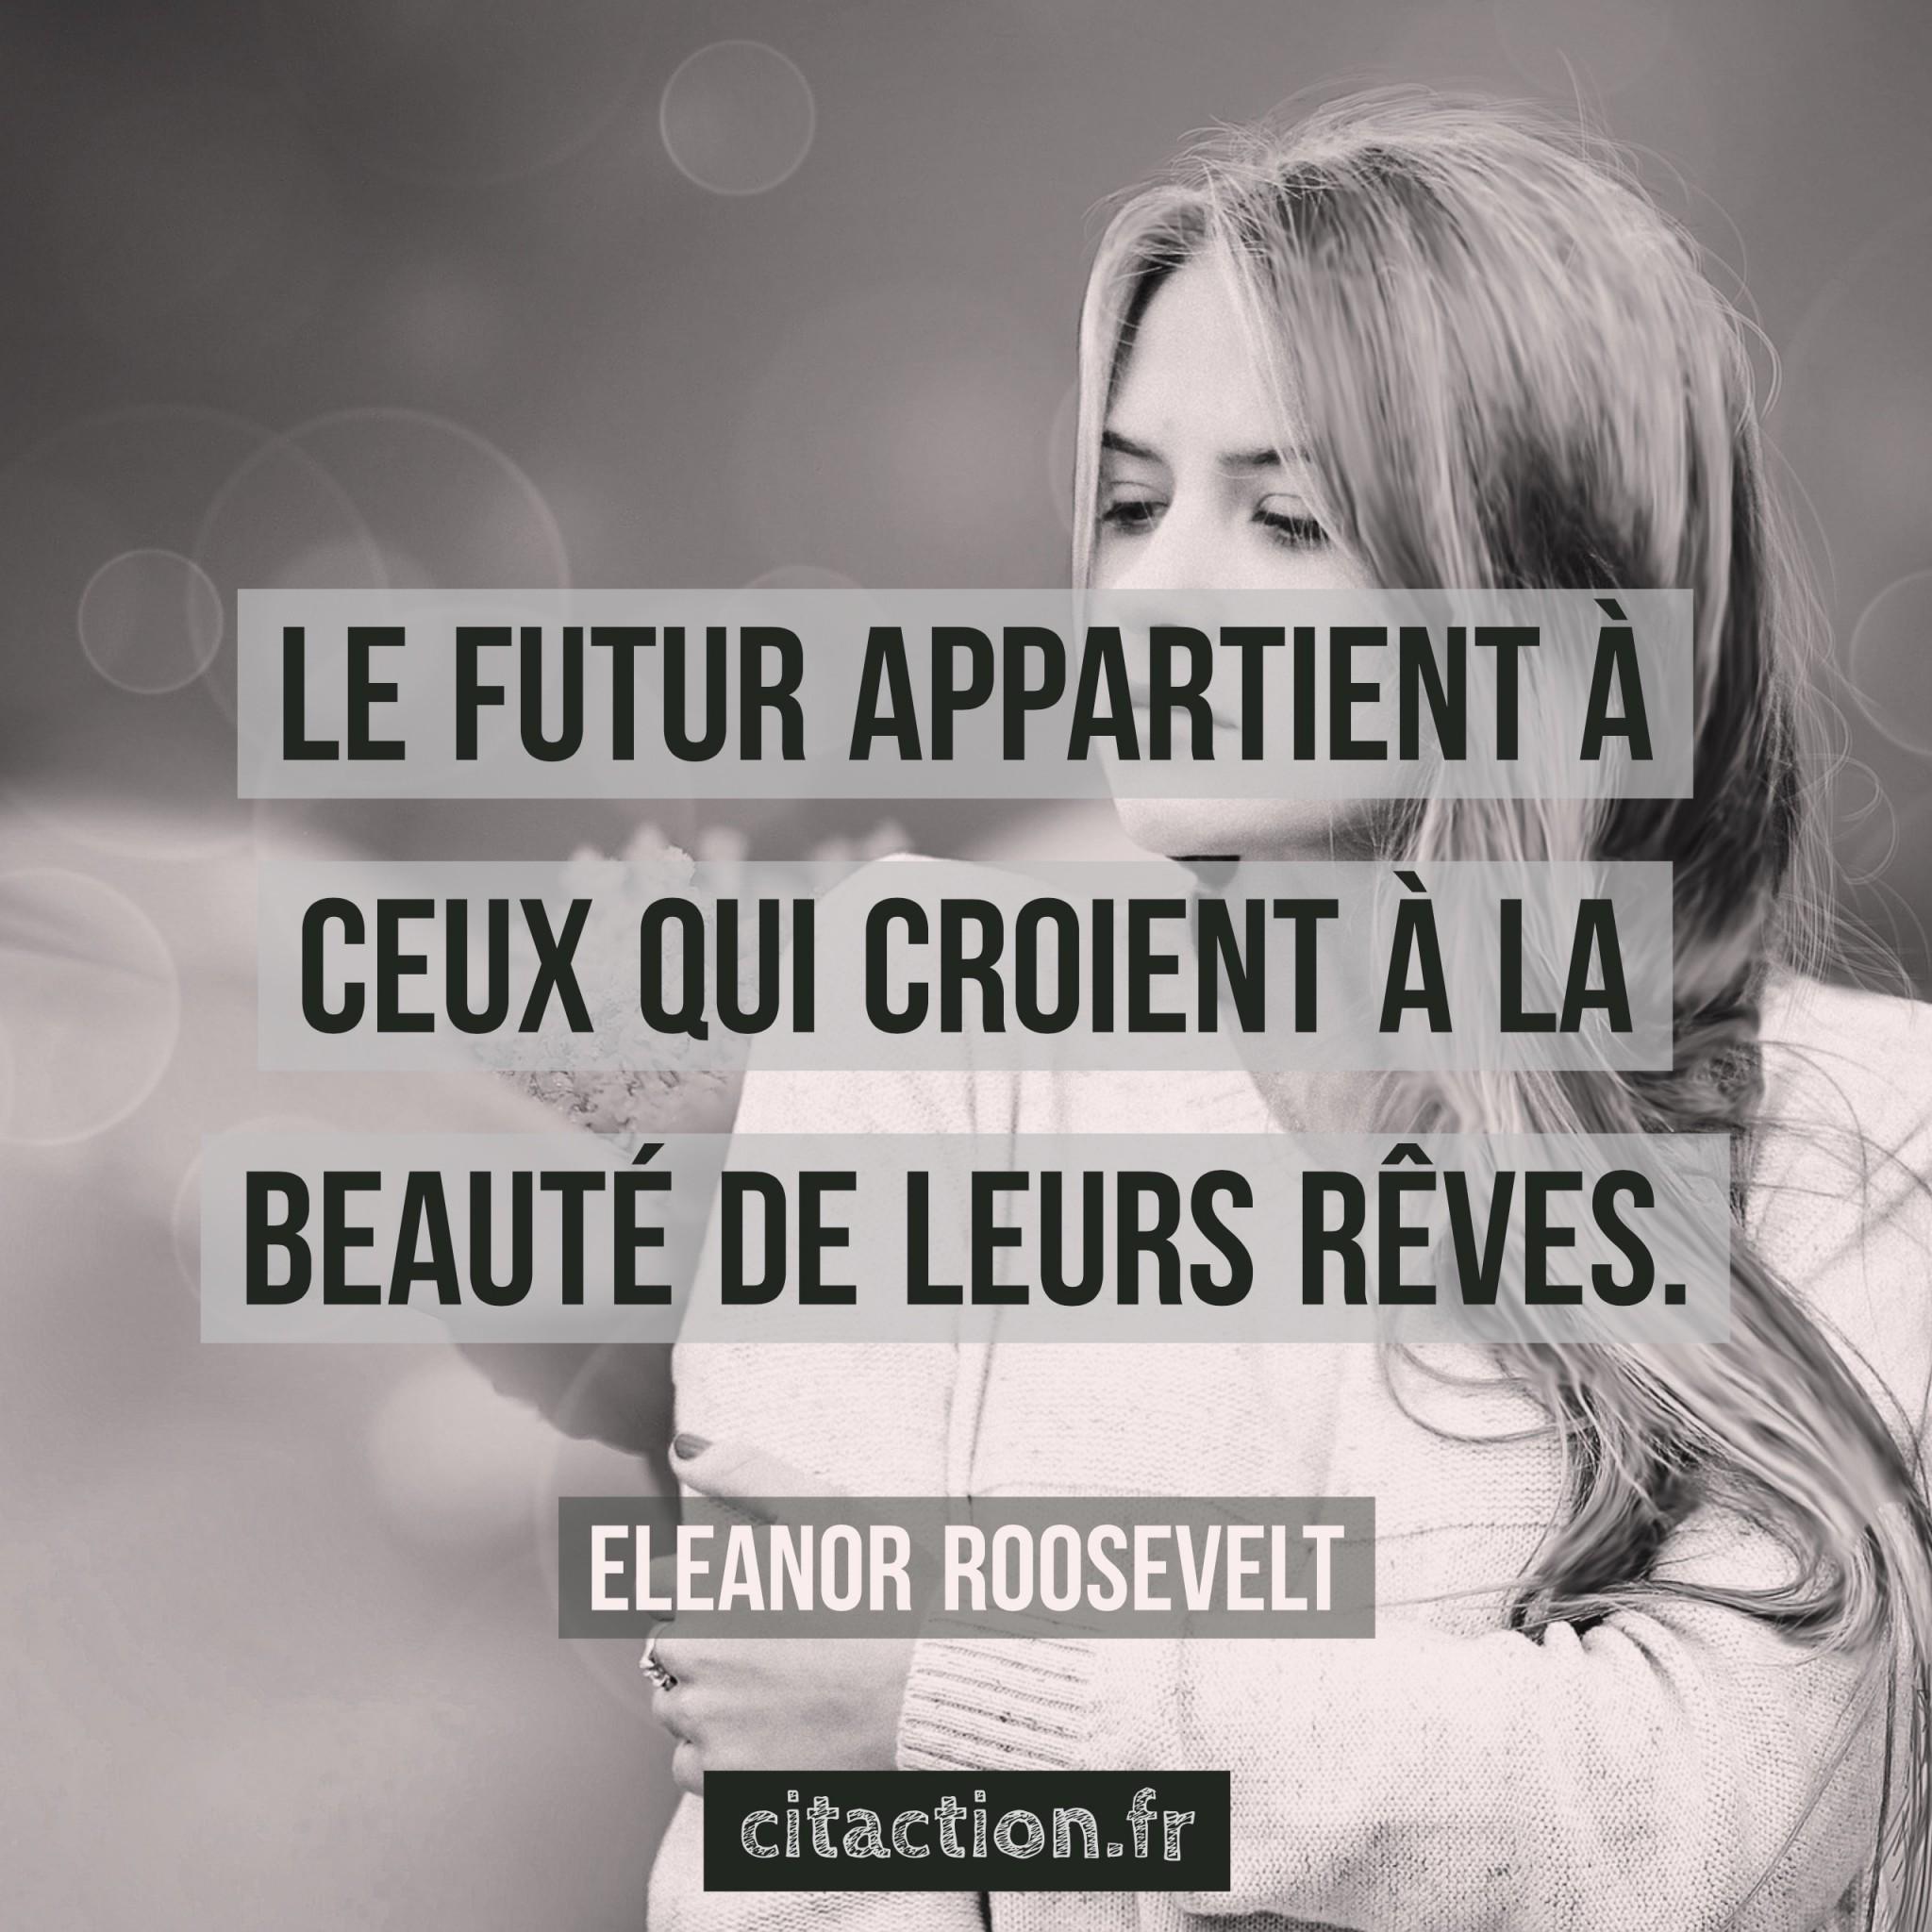 Le futur appartient à ceux qui croient à la beauté de leurs rêves.